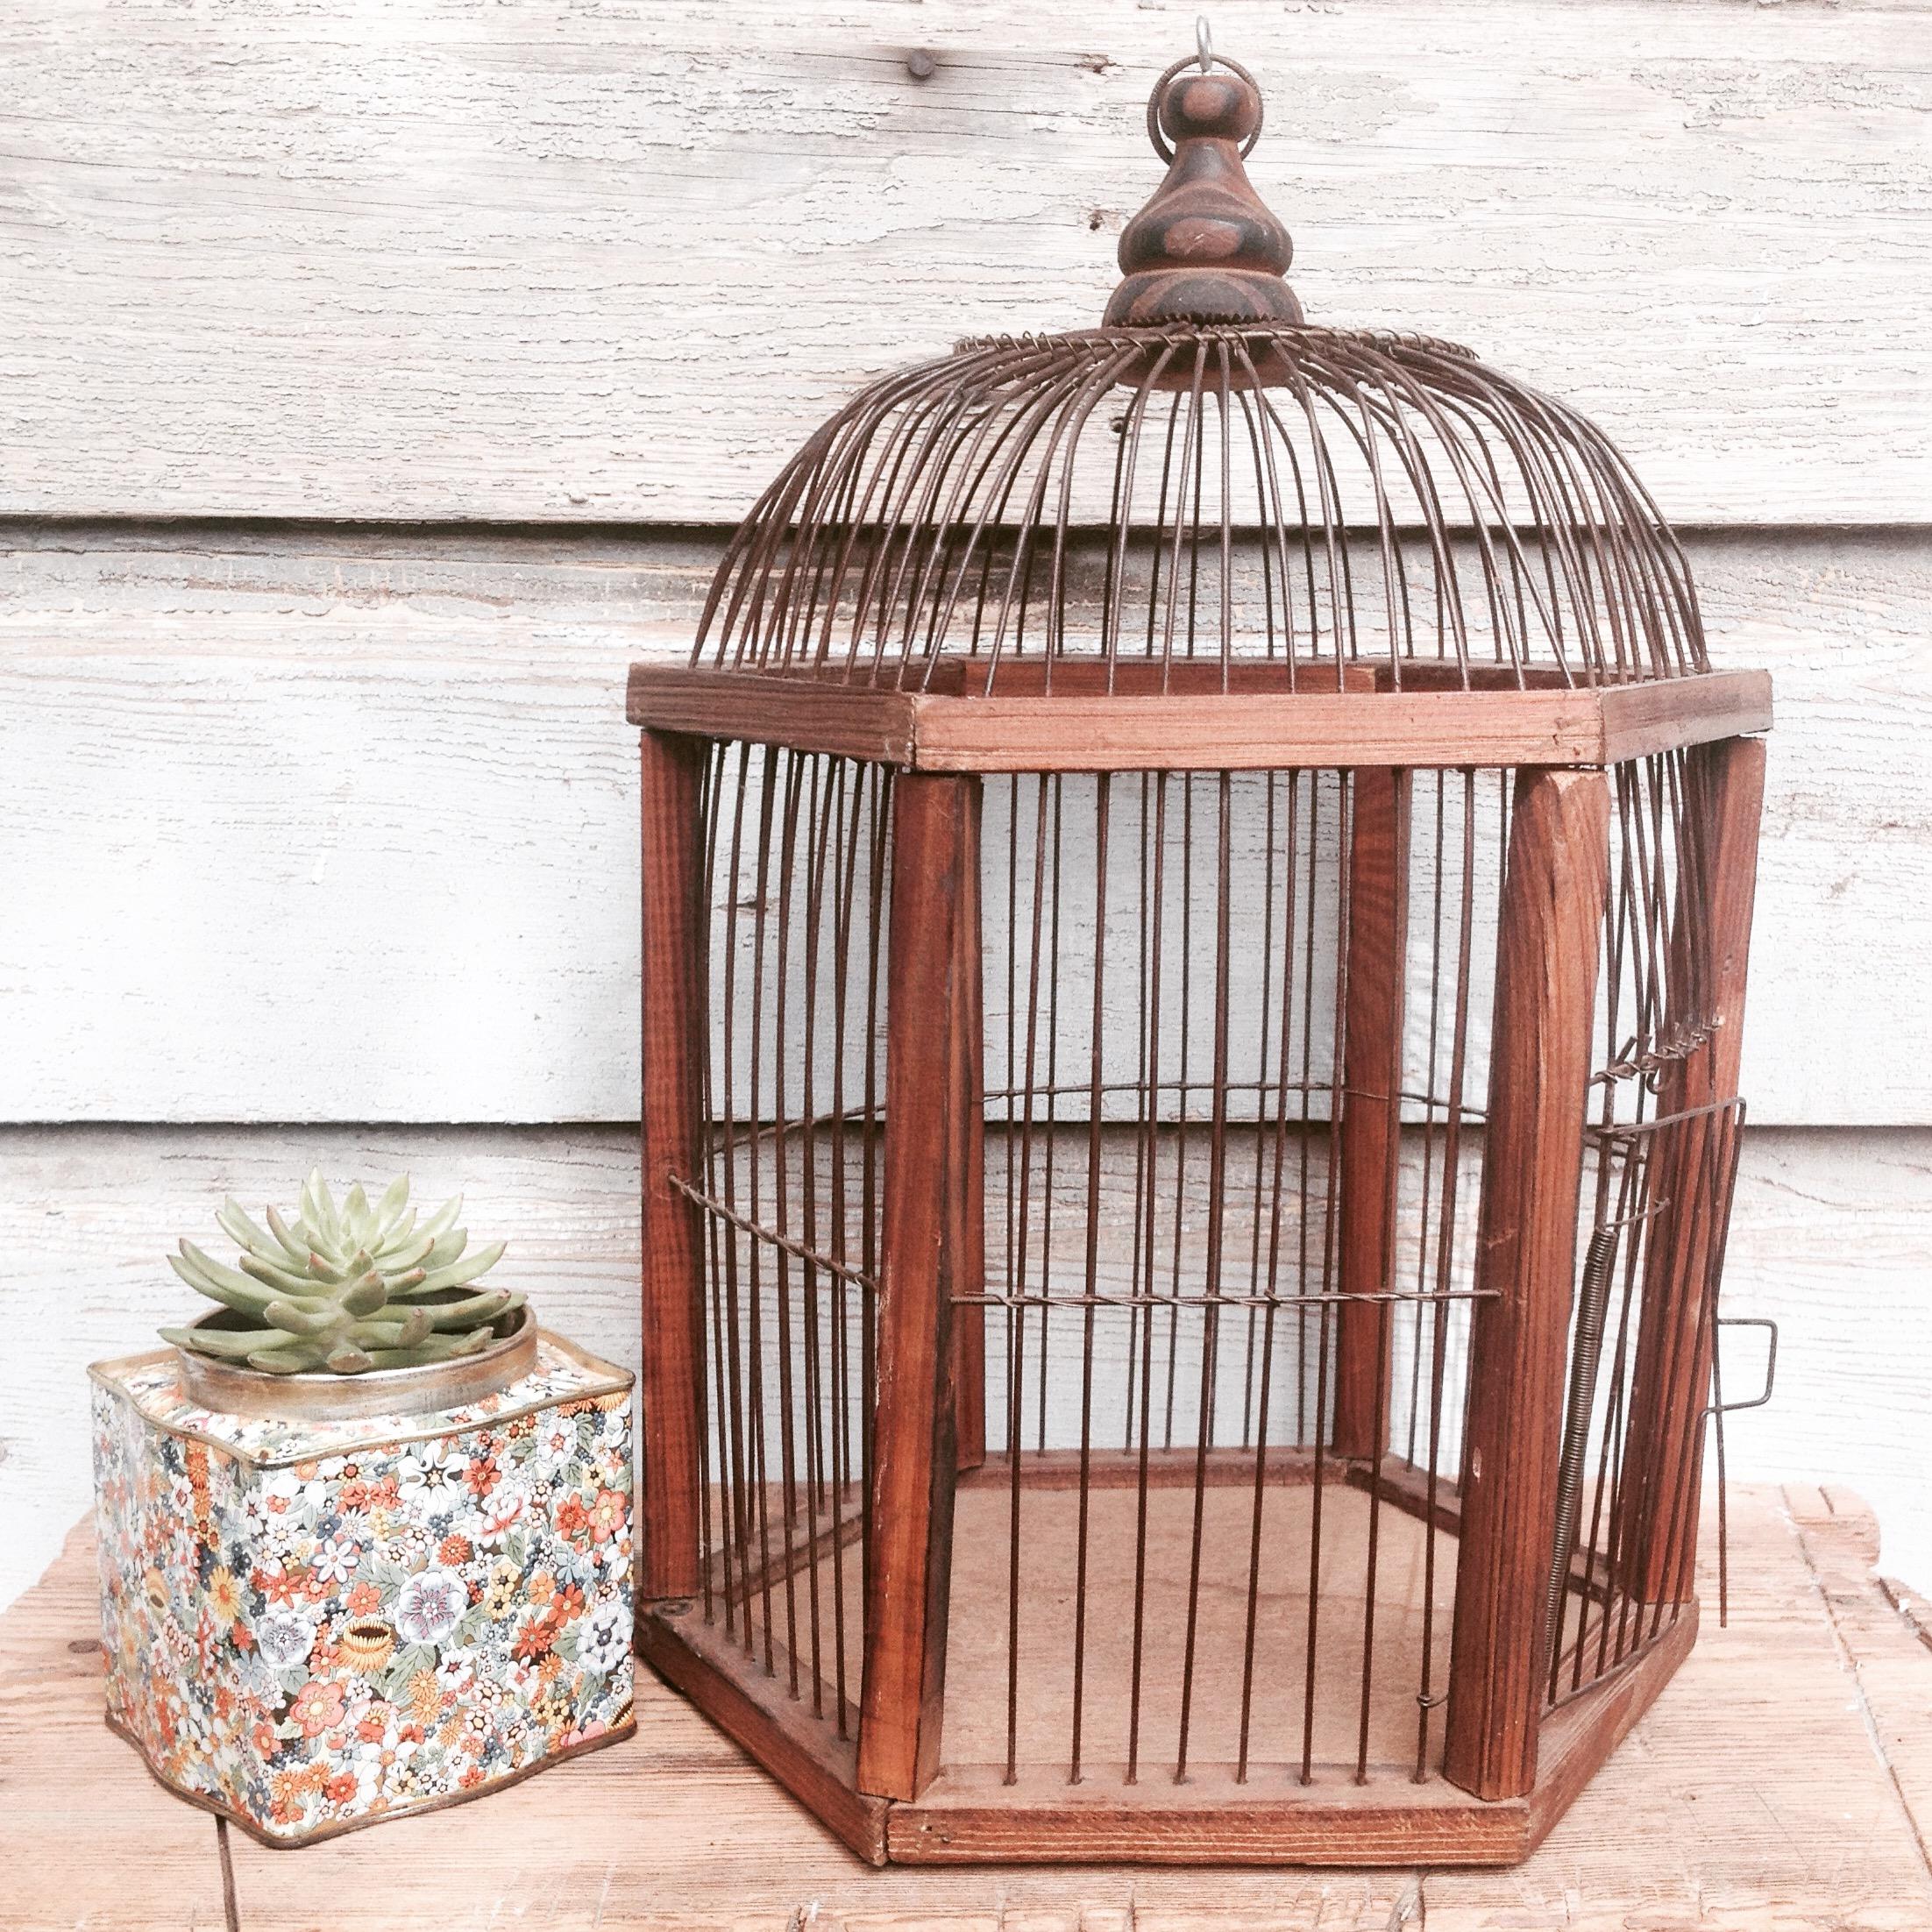 {Wood & Wire Birdcage - $15}